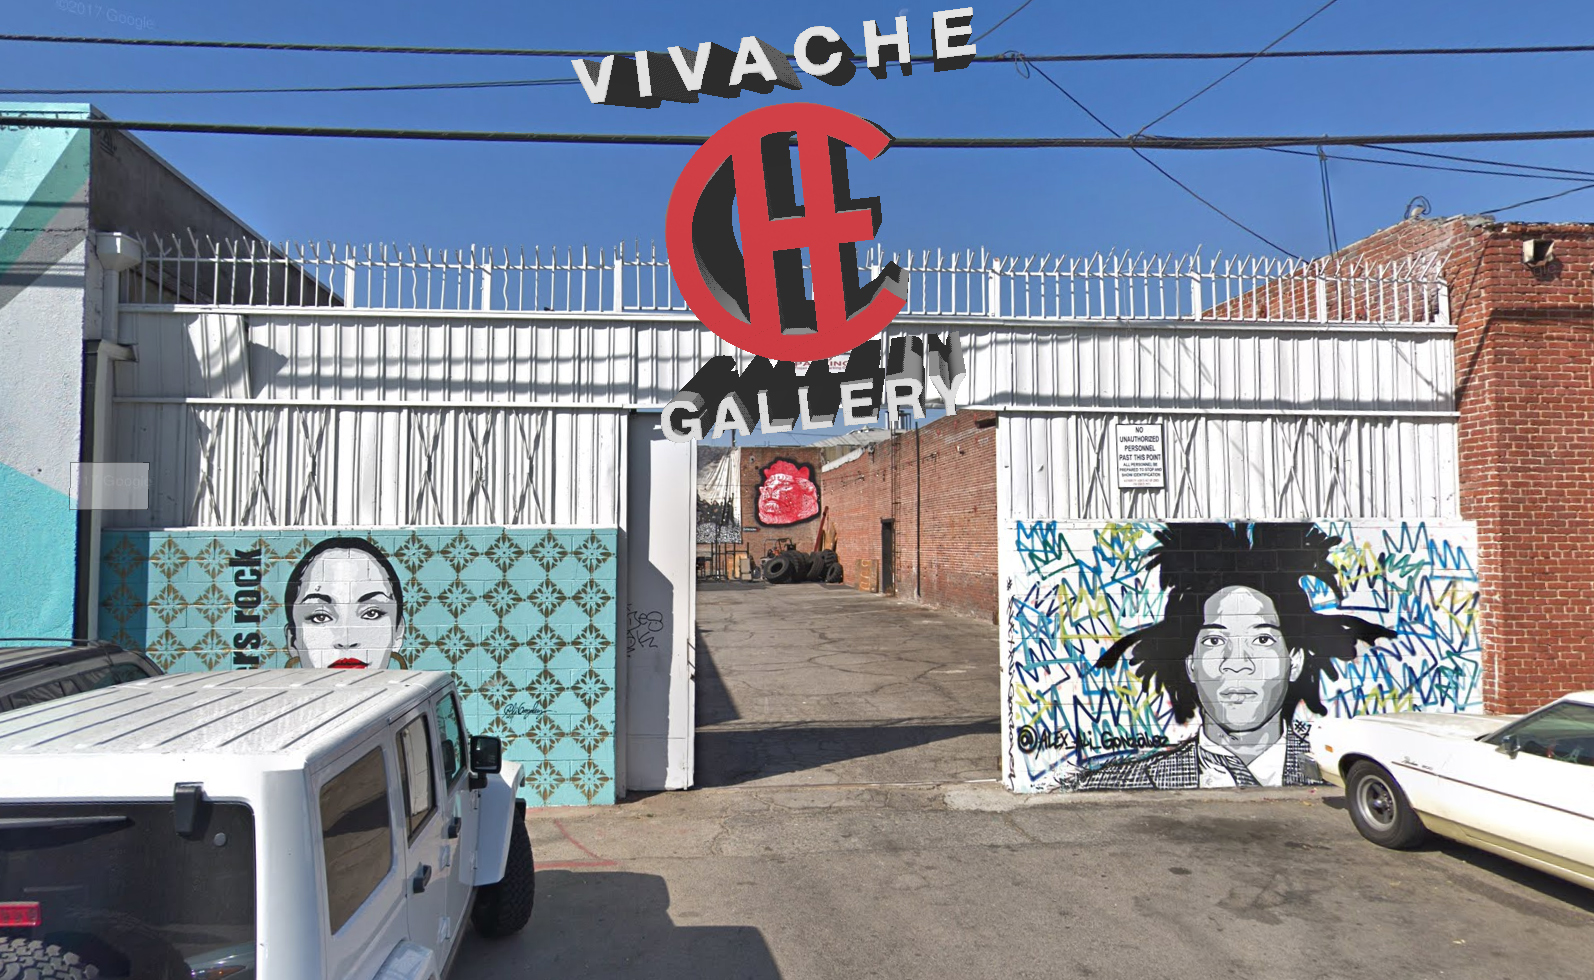 Vivache Mural Gallery Los Angeles Art District.jpg